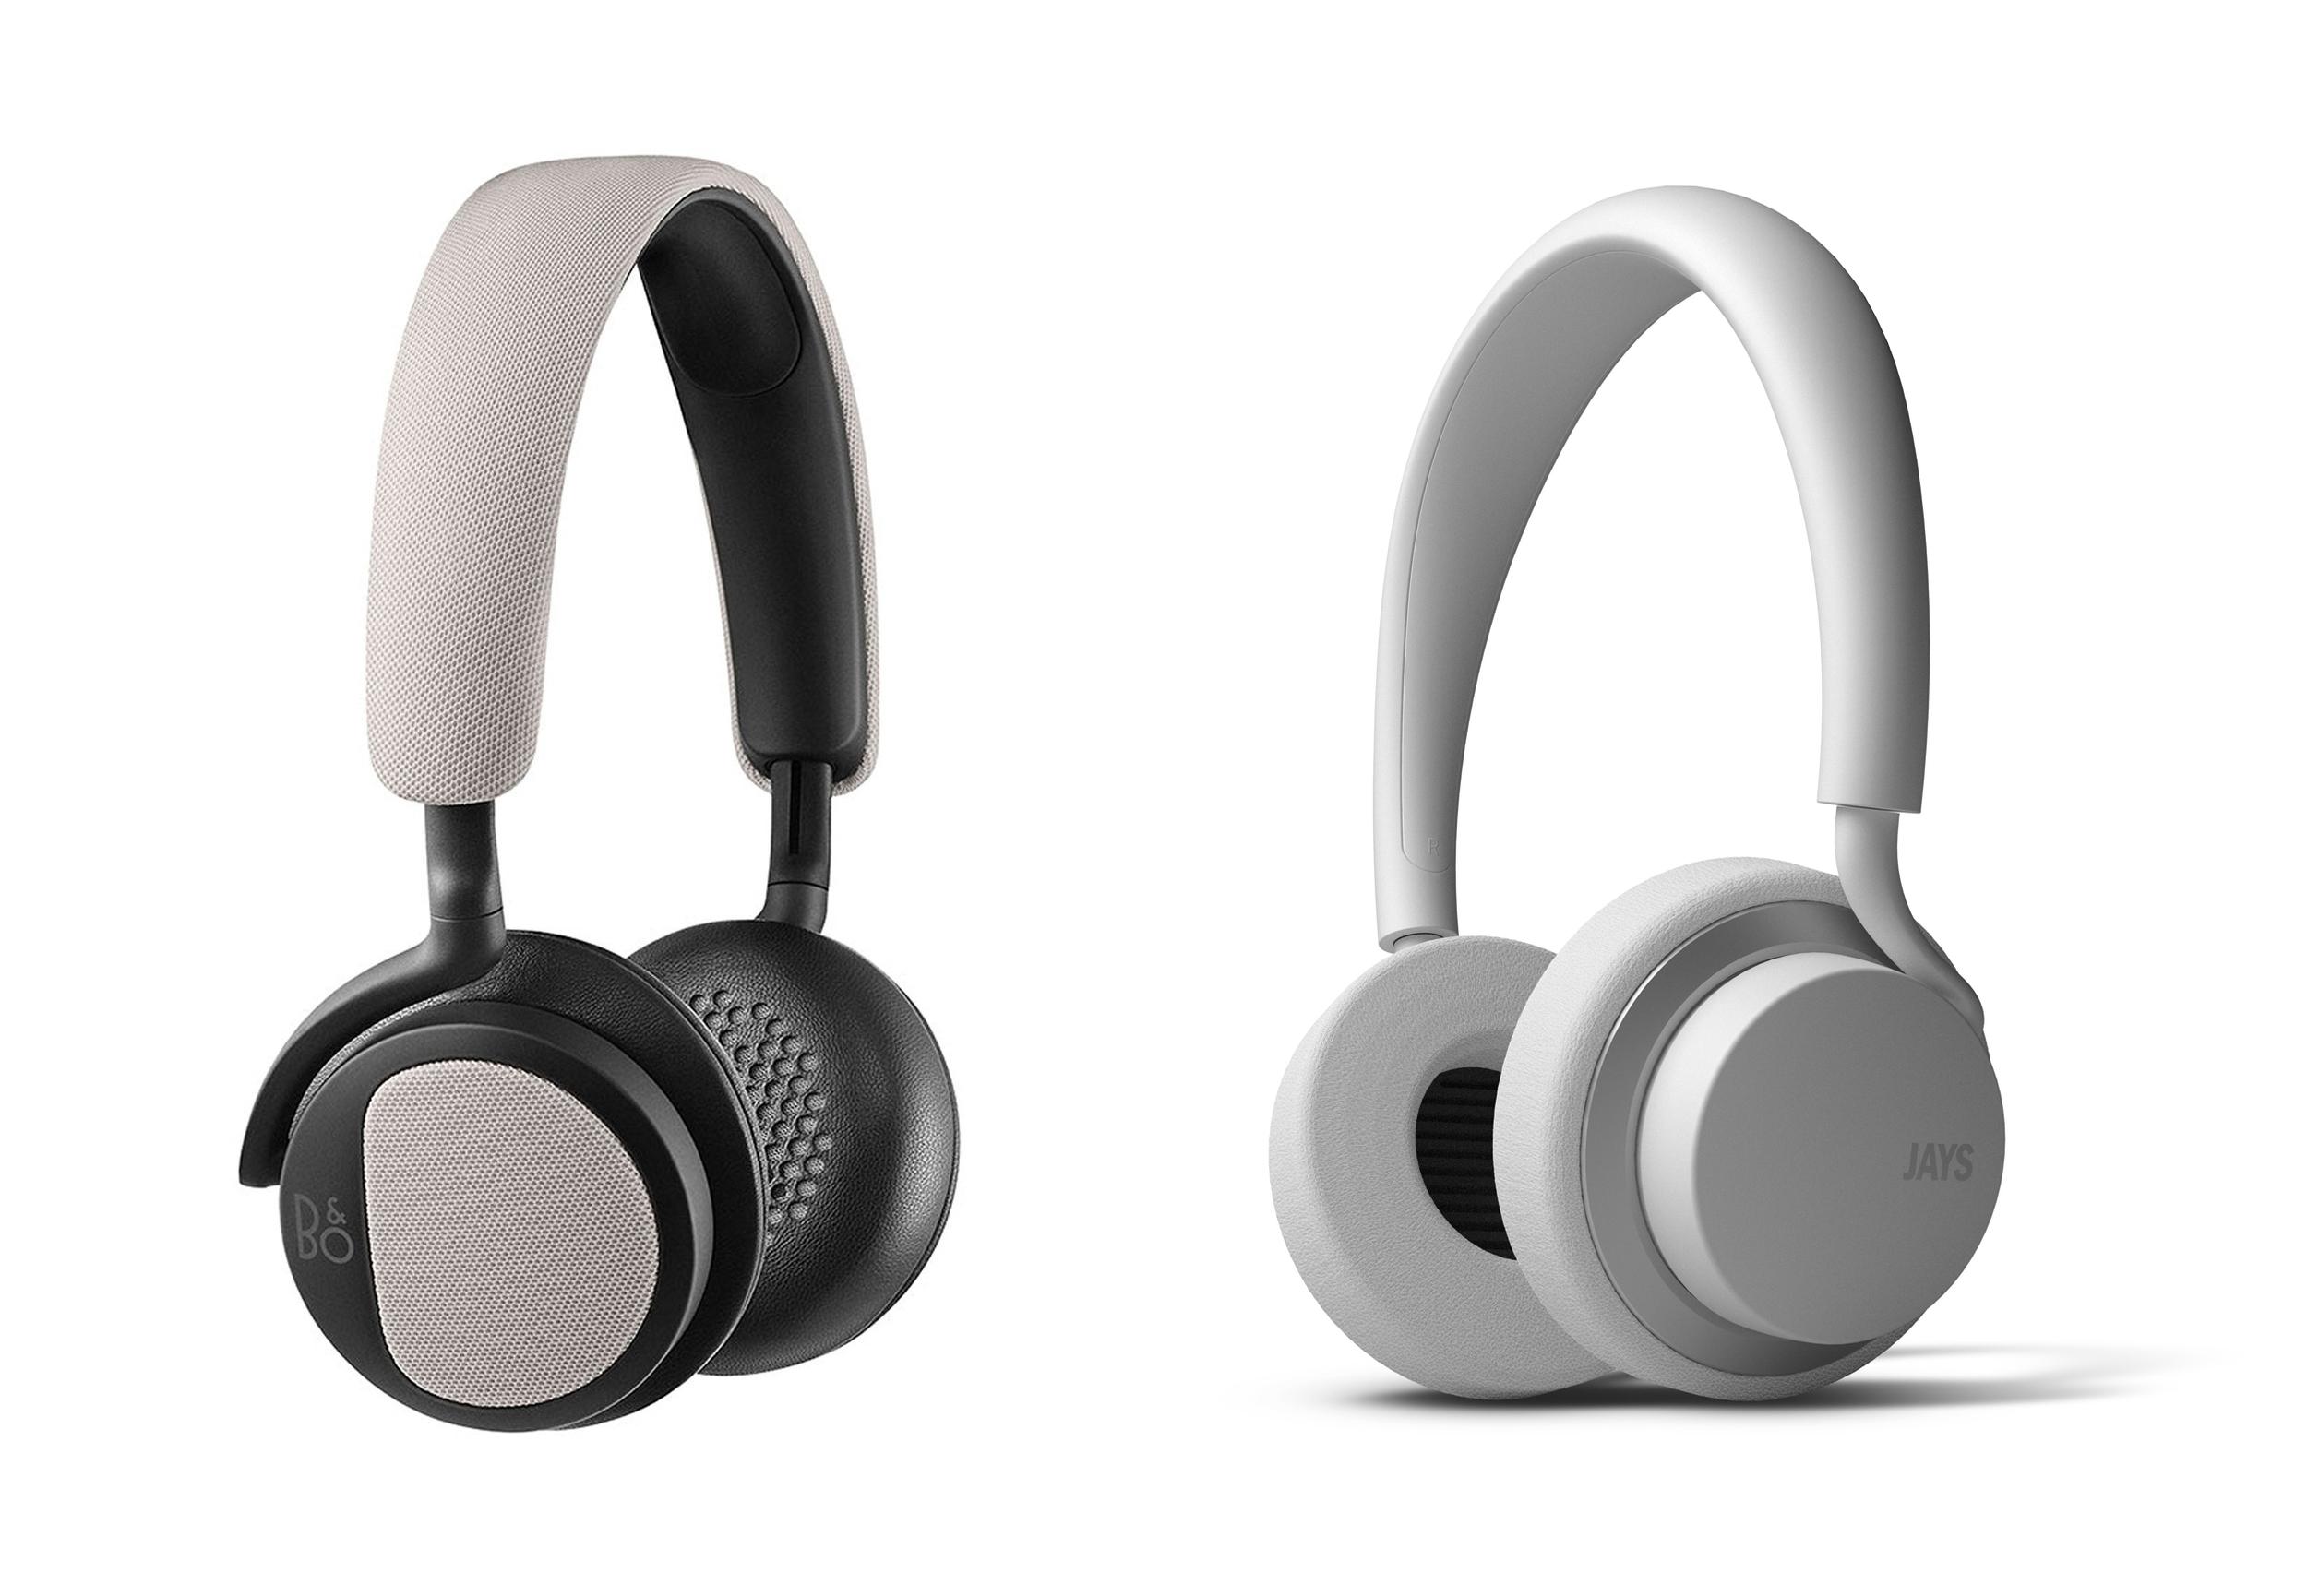 u-jays-vs-beoplay-h2-headphones.jpg